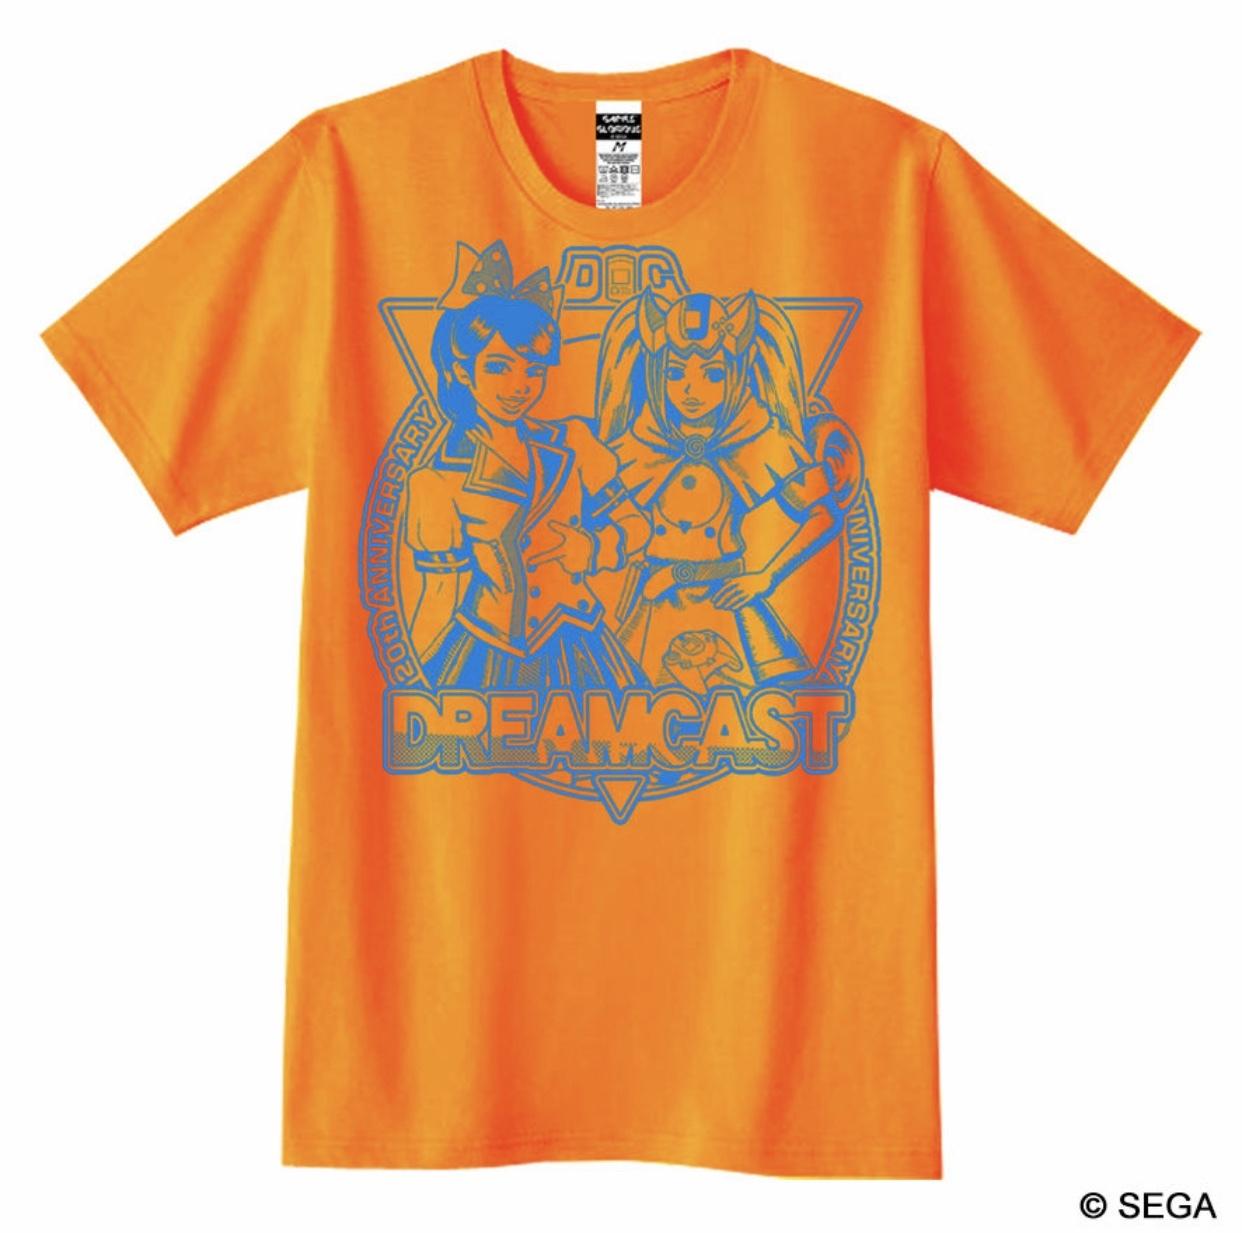 【限定30着】ドリームキャスト Real x Virtual Tシャツ -オレンジ- / GAMES GLORIOUS